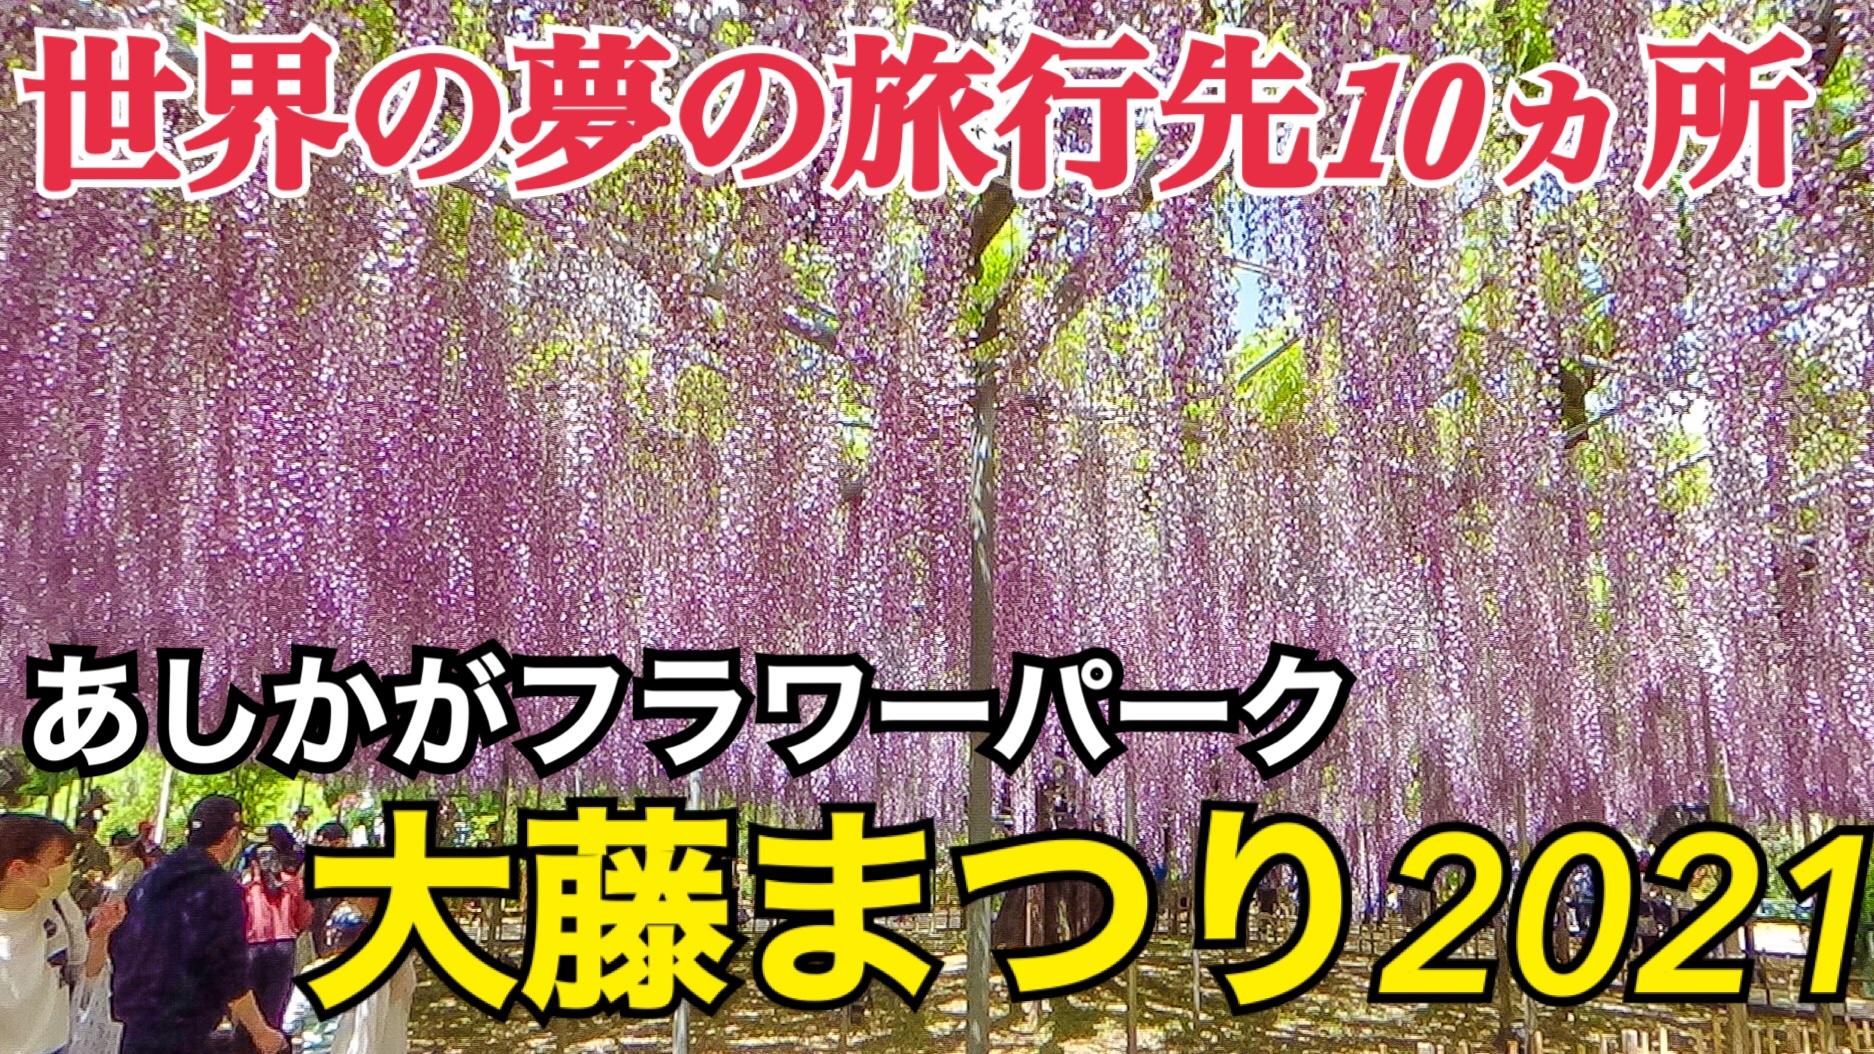 世界が認めた美しさ!あしかがフラワーパークの大藤まつりへ!藤の花が美しい!【あしかが大藤の旅】